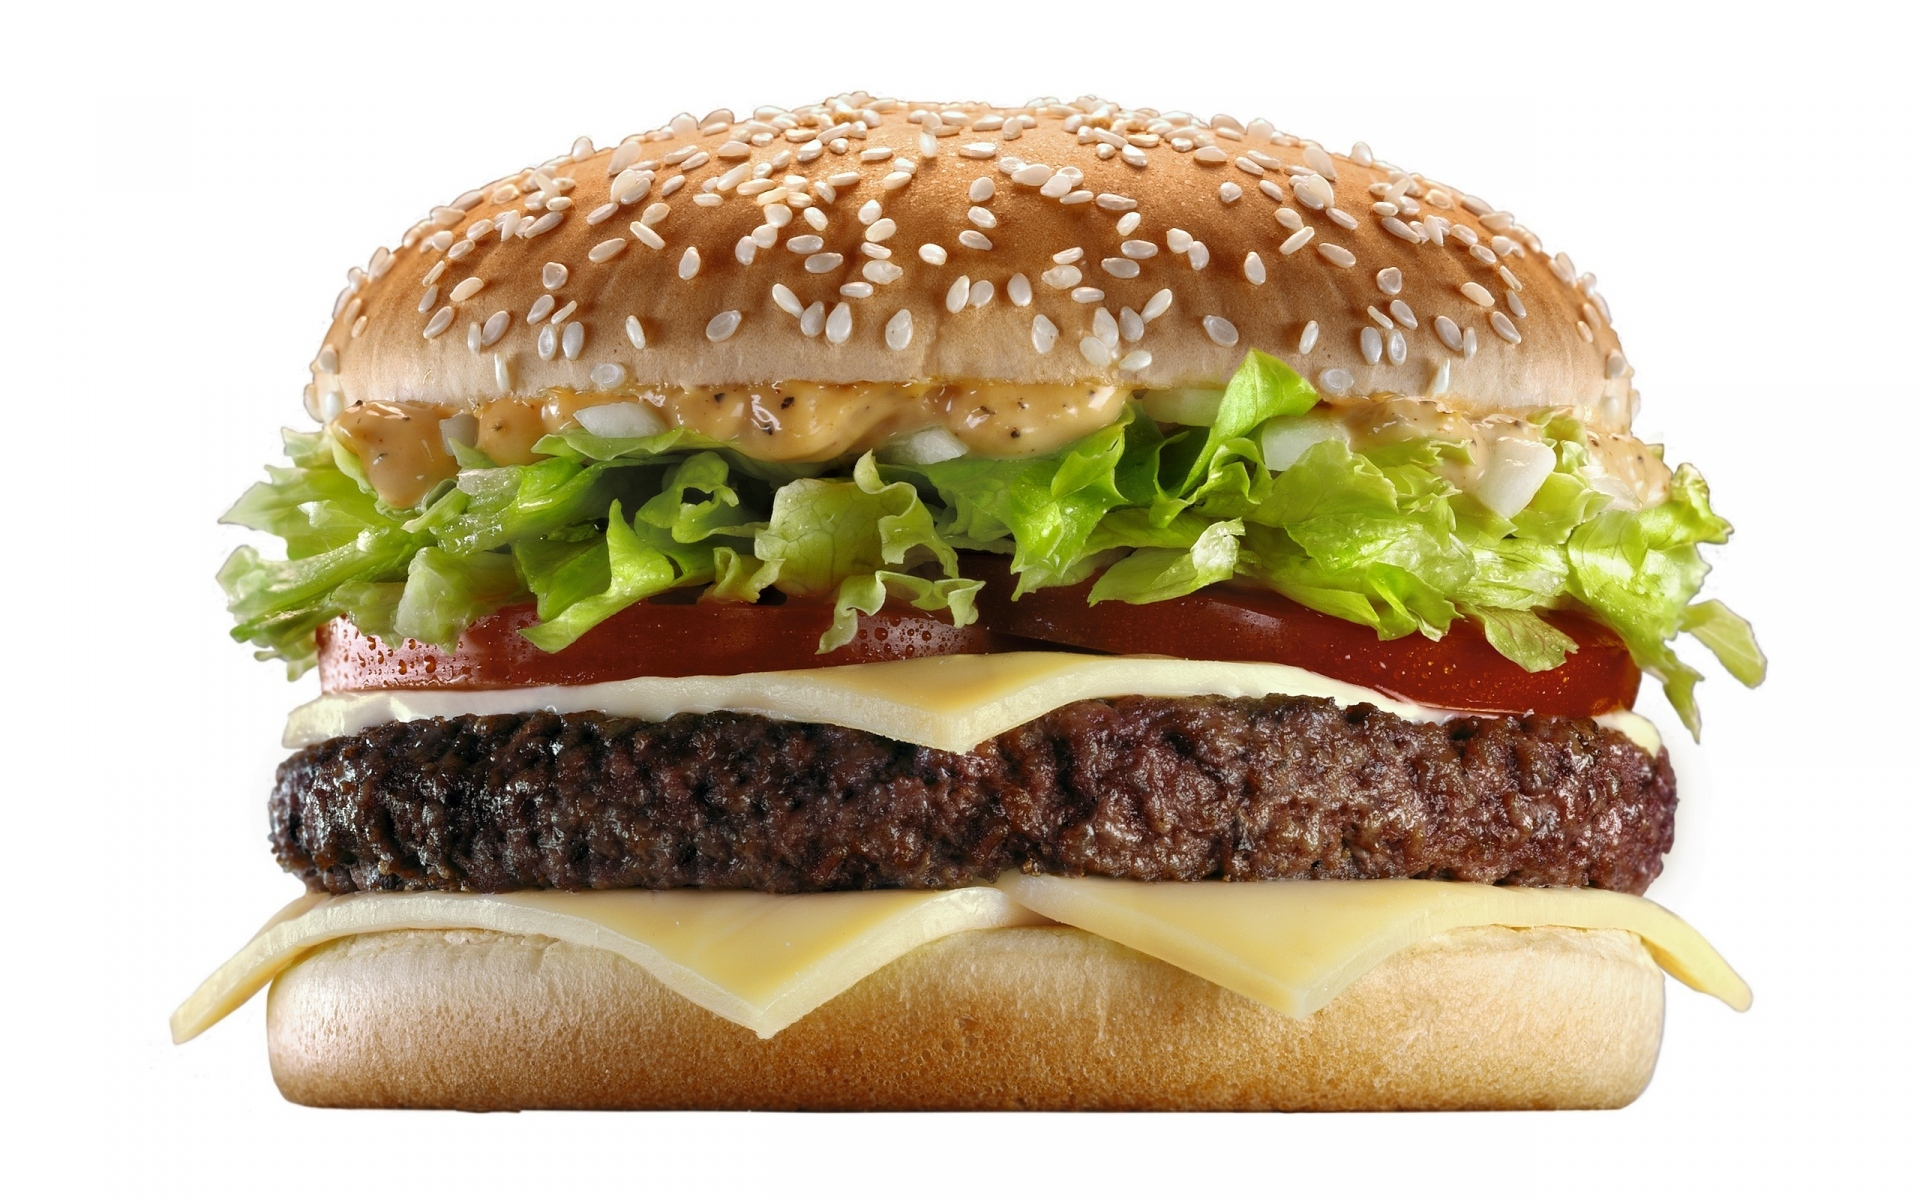 Картинки Чизбургер, гамбургер, сыр, булочка фото и обои на рабочий стол